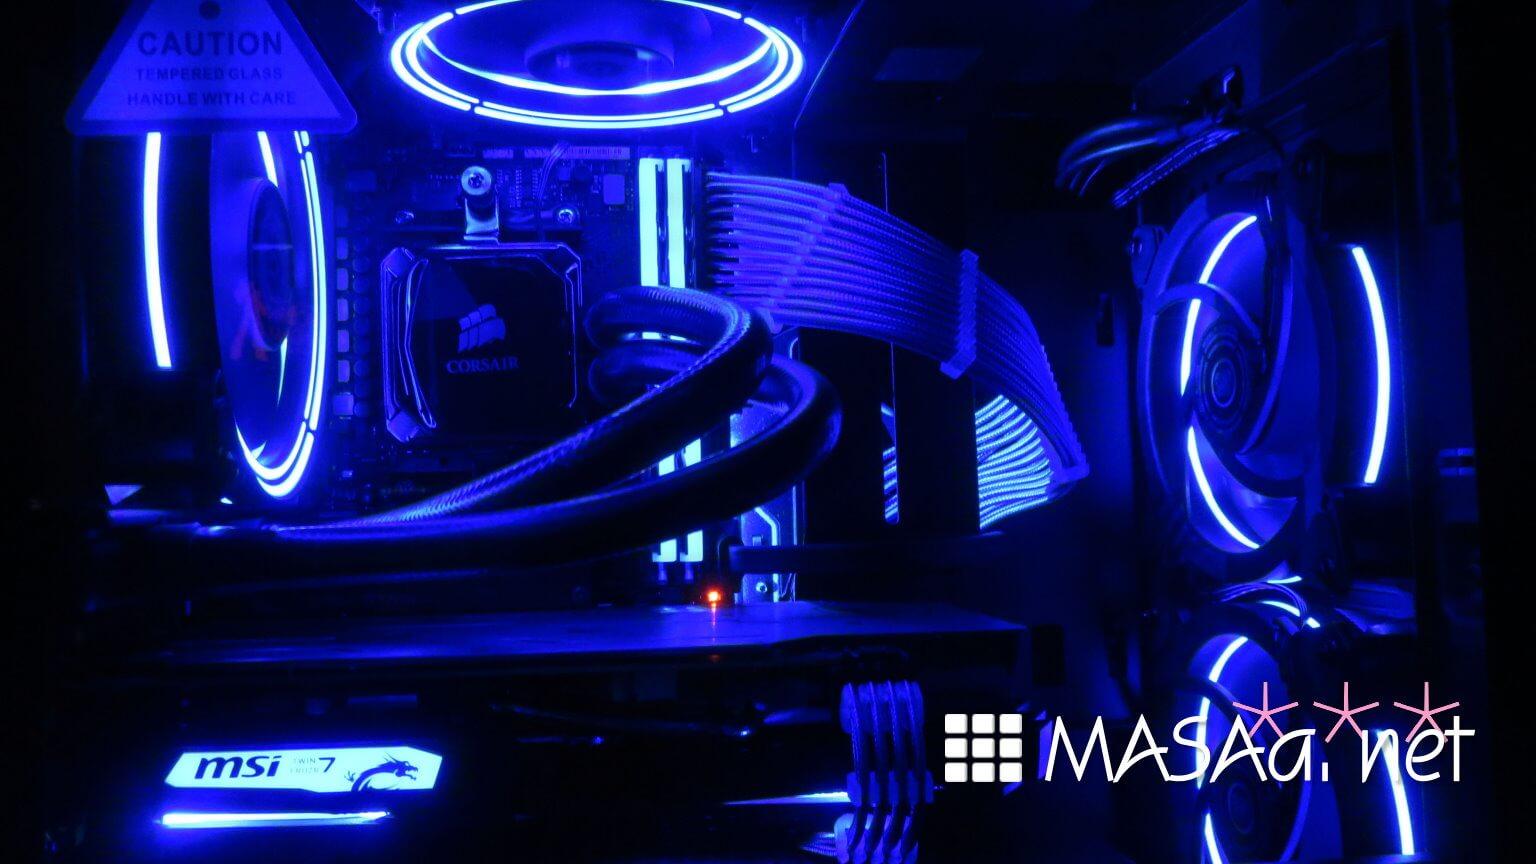 ハードウェア(自作PC)